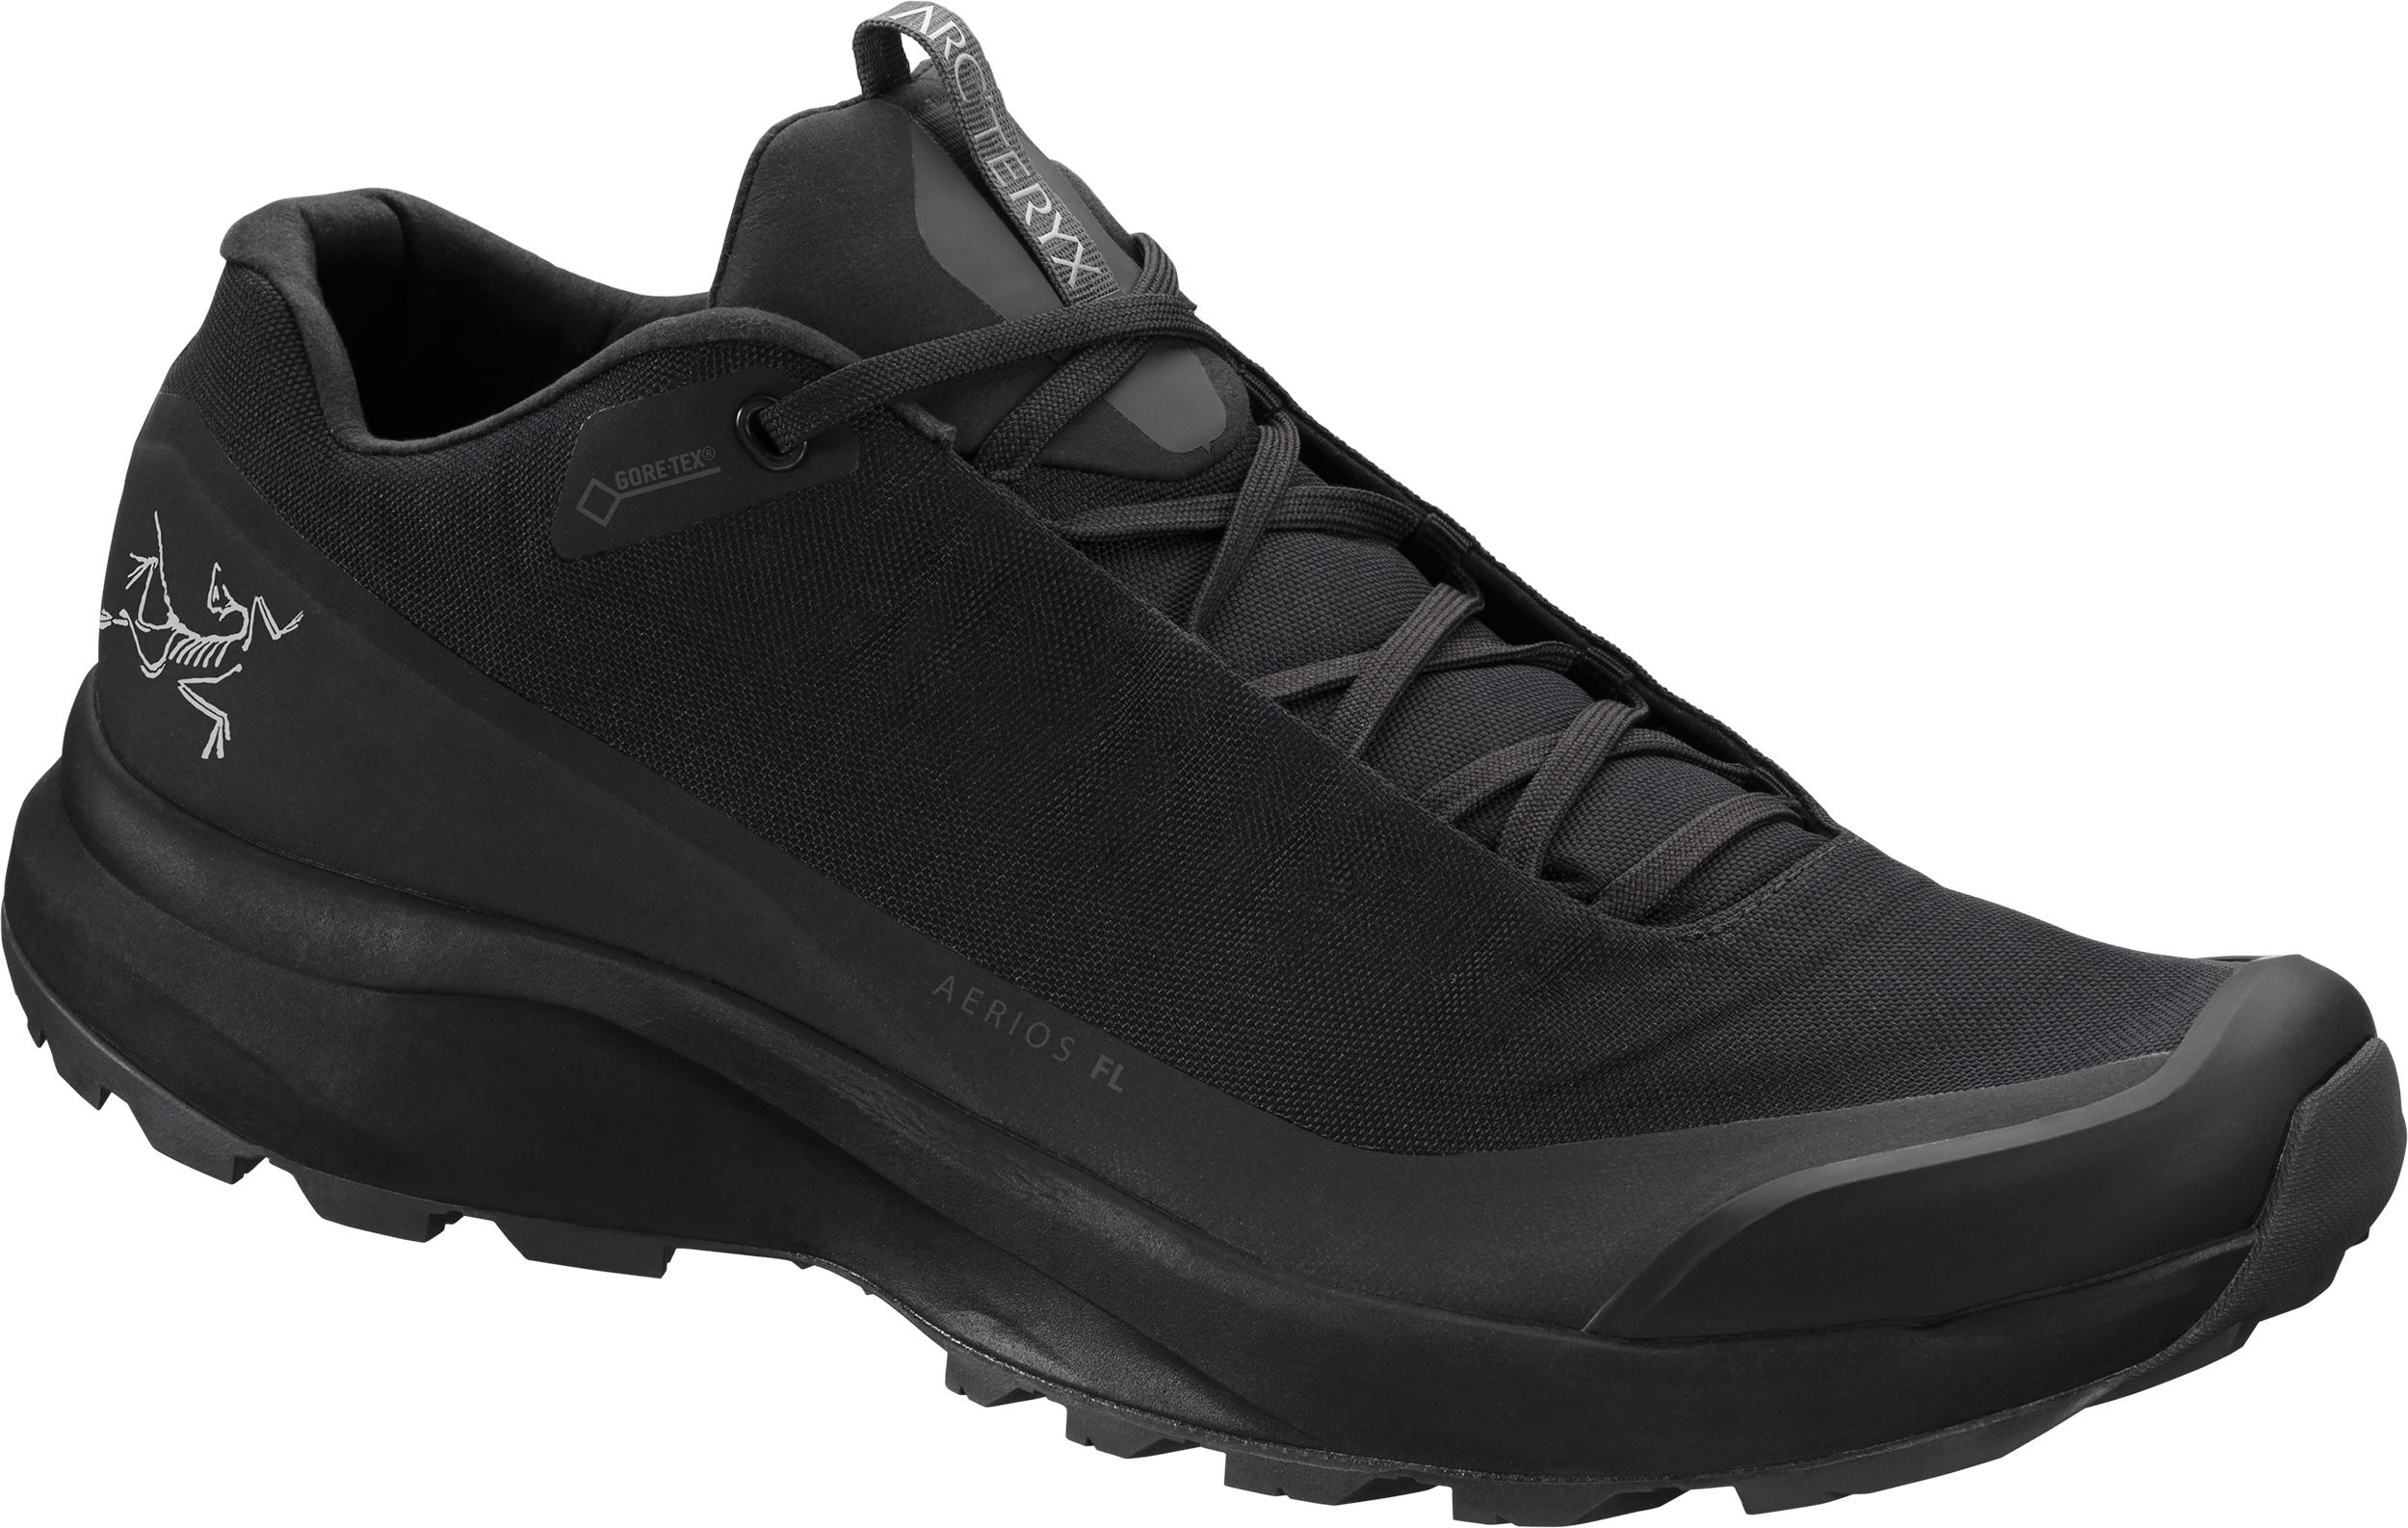 men's light hiking shoes